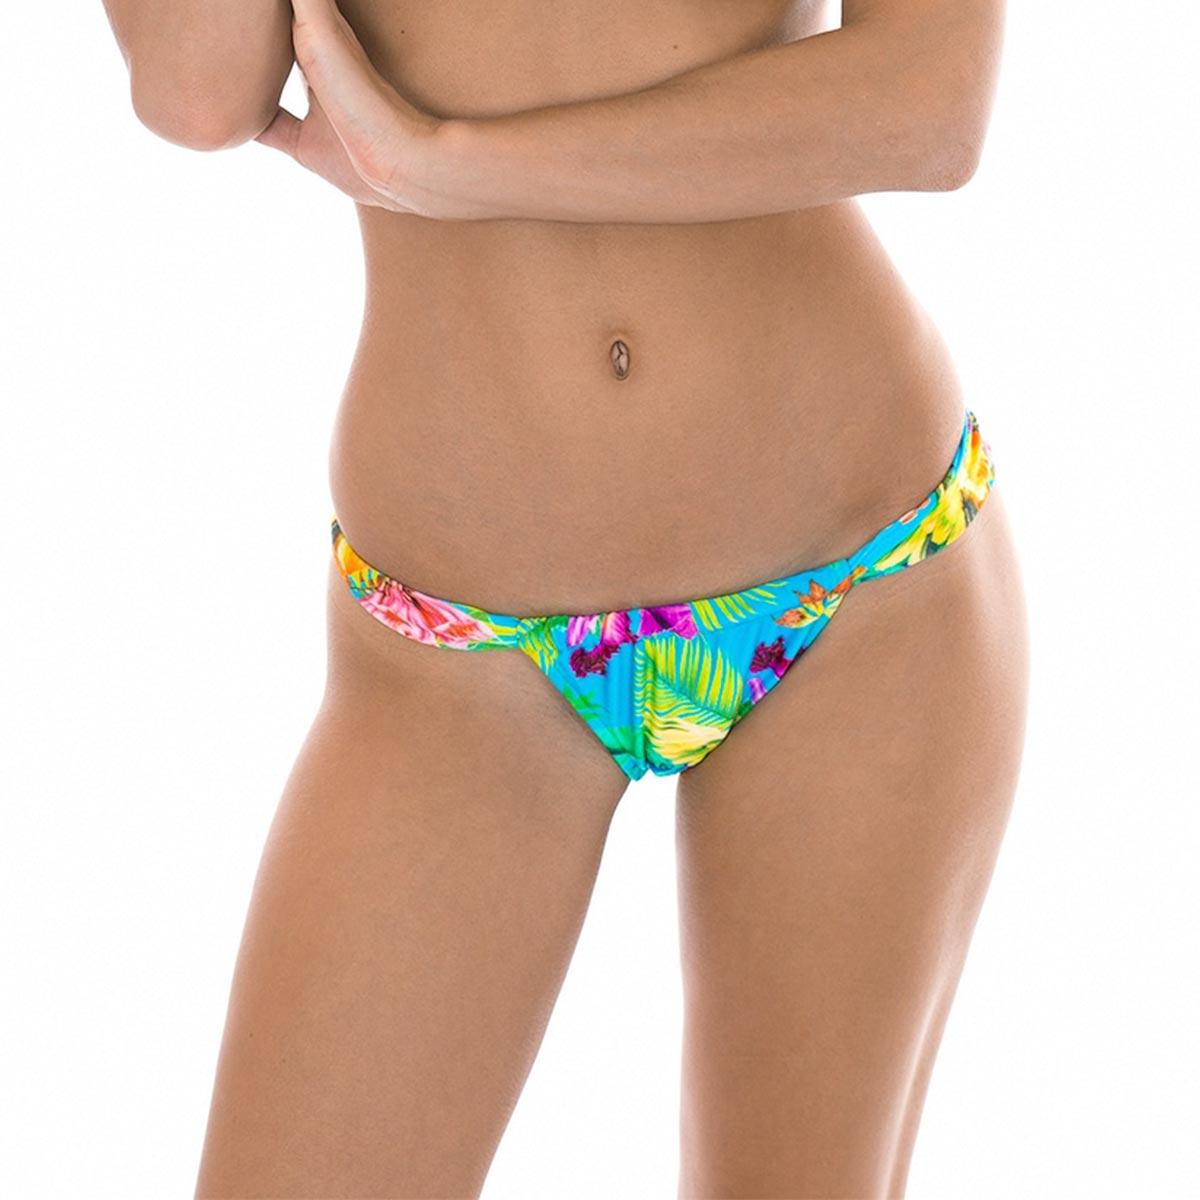 Maillot de bain brésilien coulissant multicolore Tropical (Bas)